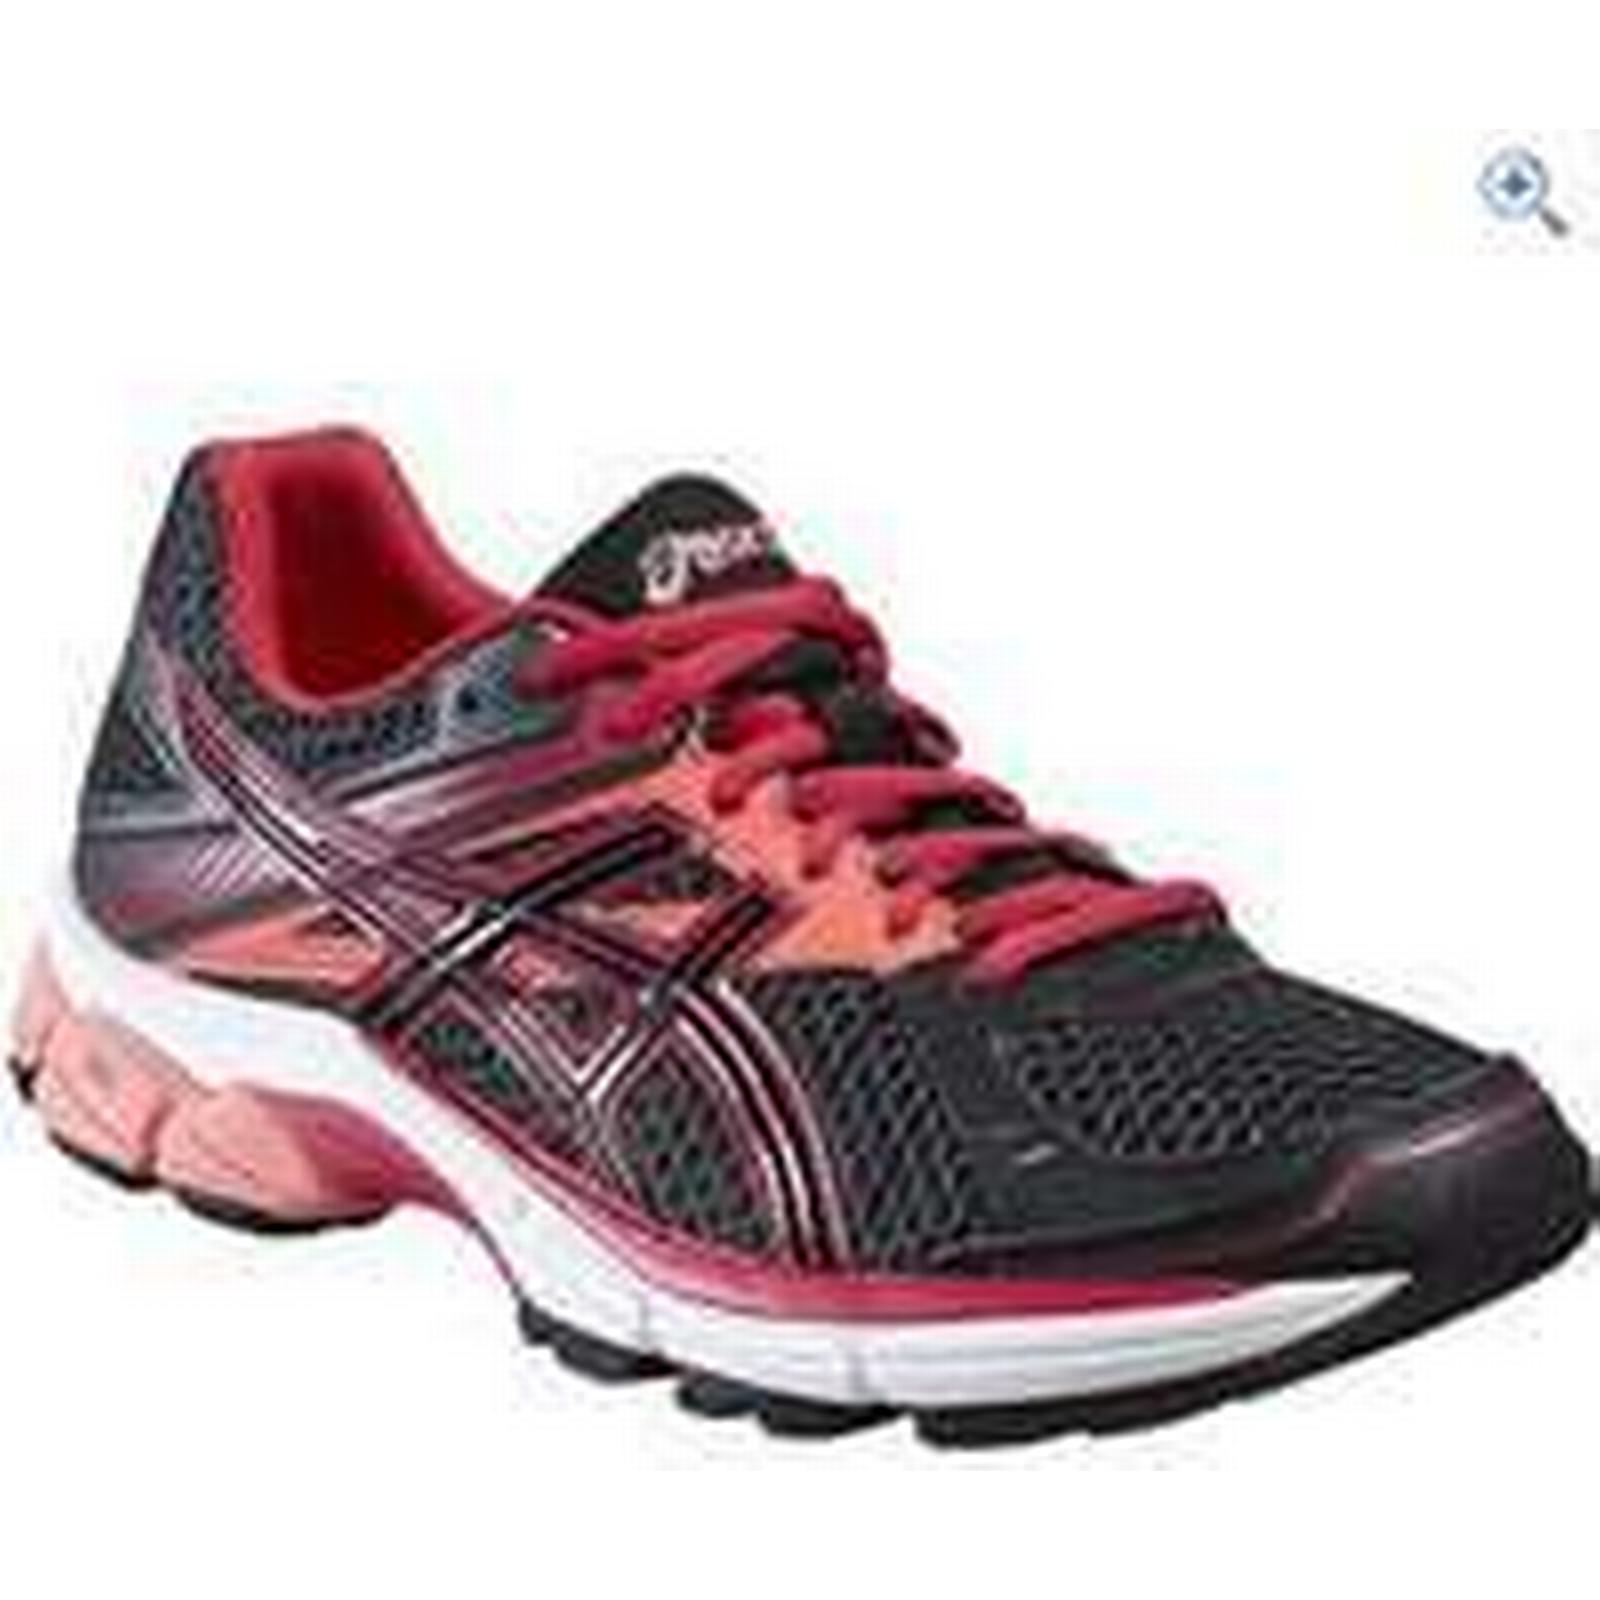 Asics GEL-Innovate - 7 Women's Running Shoes - GEL-Innovate Size: 6 - Colour: BLACK-CERISE bd279c